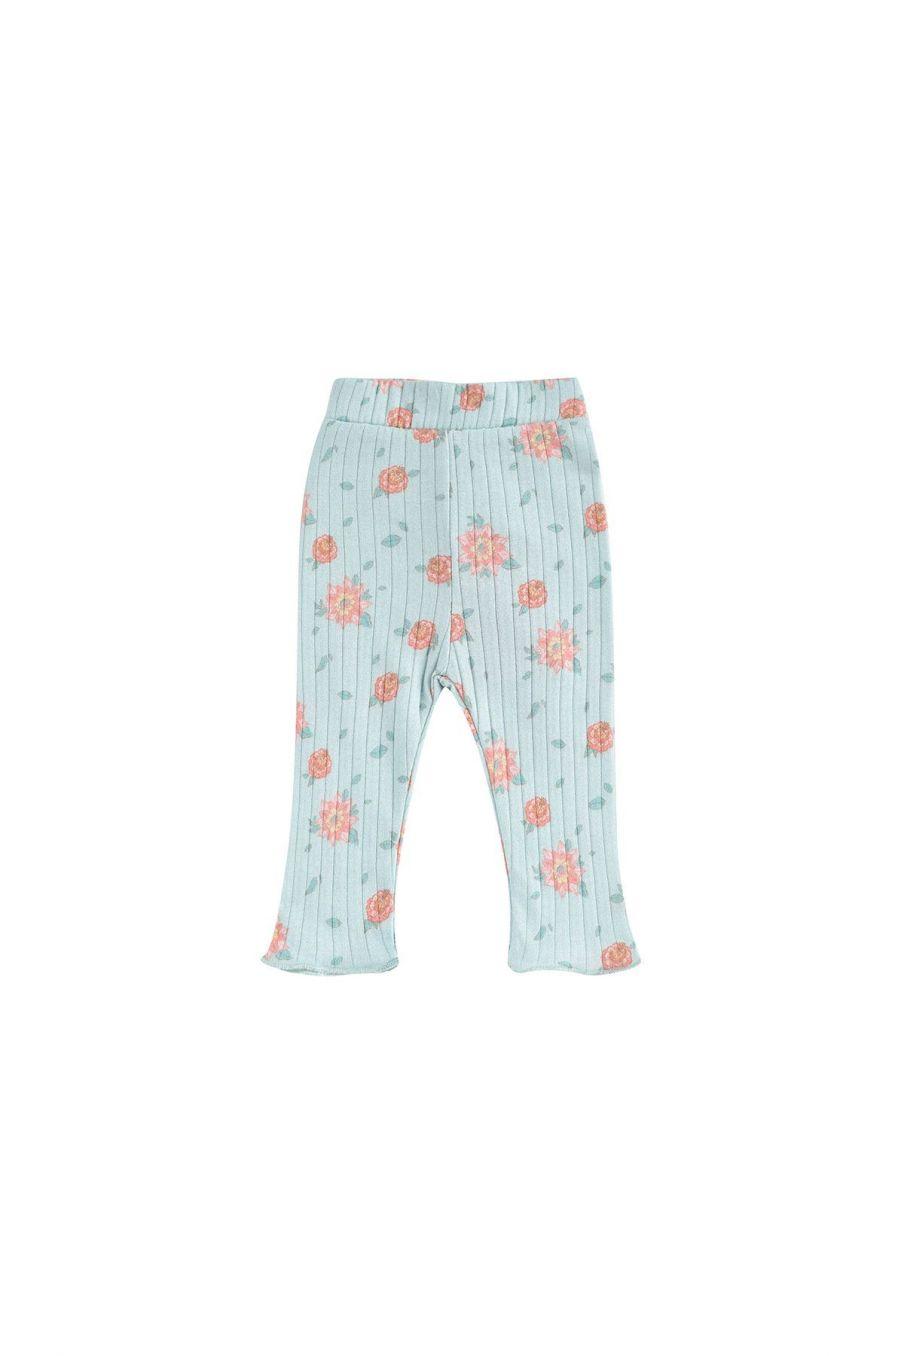 boheme chic vintage leggings bébé fille anandou vintage blue flowers